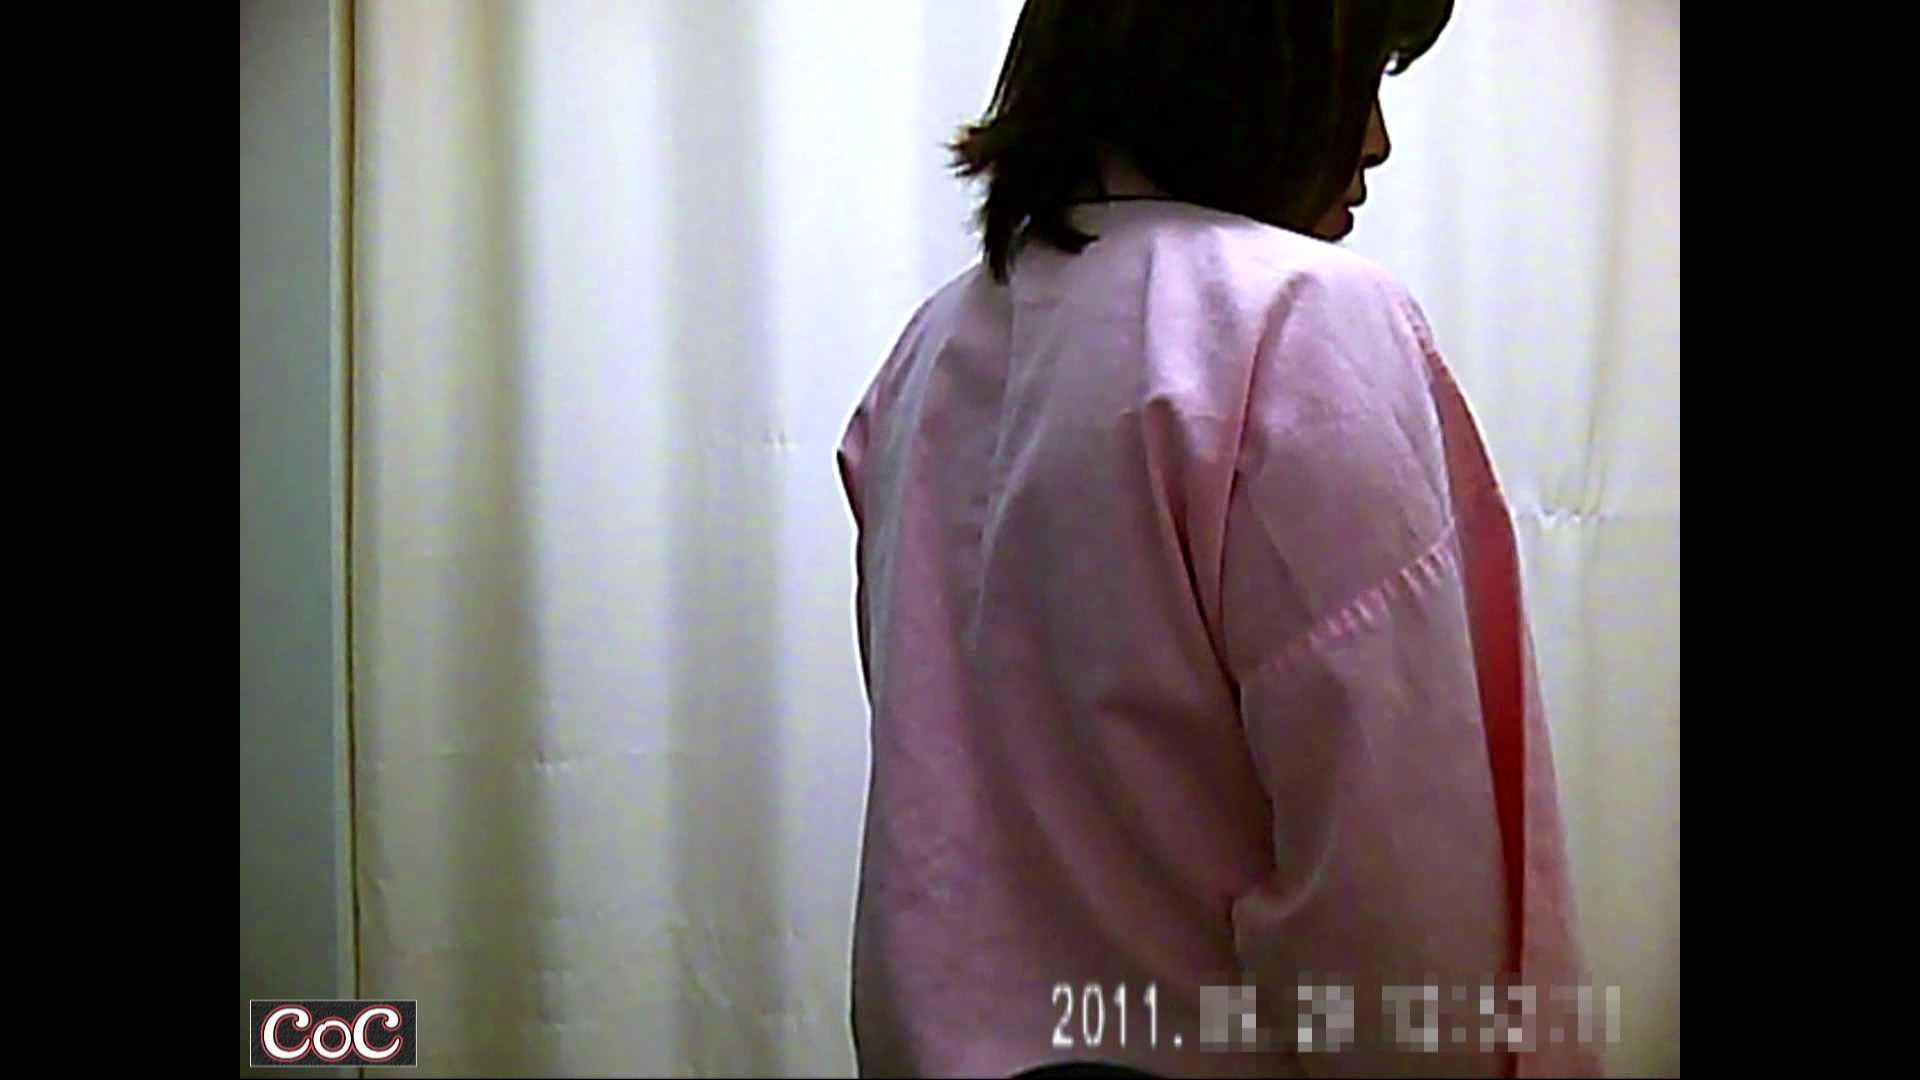 病院おもいっきり着替え! vol.42 盗撮 オメコ動画キャプチャ 98画像 16